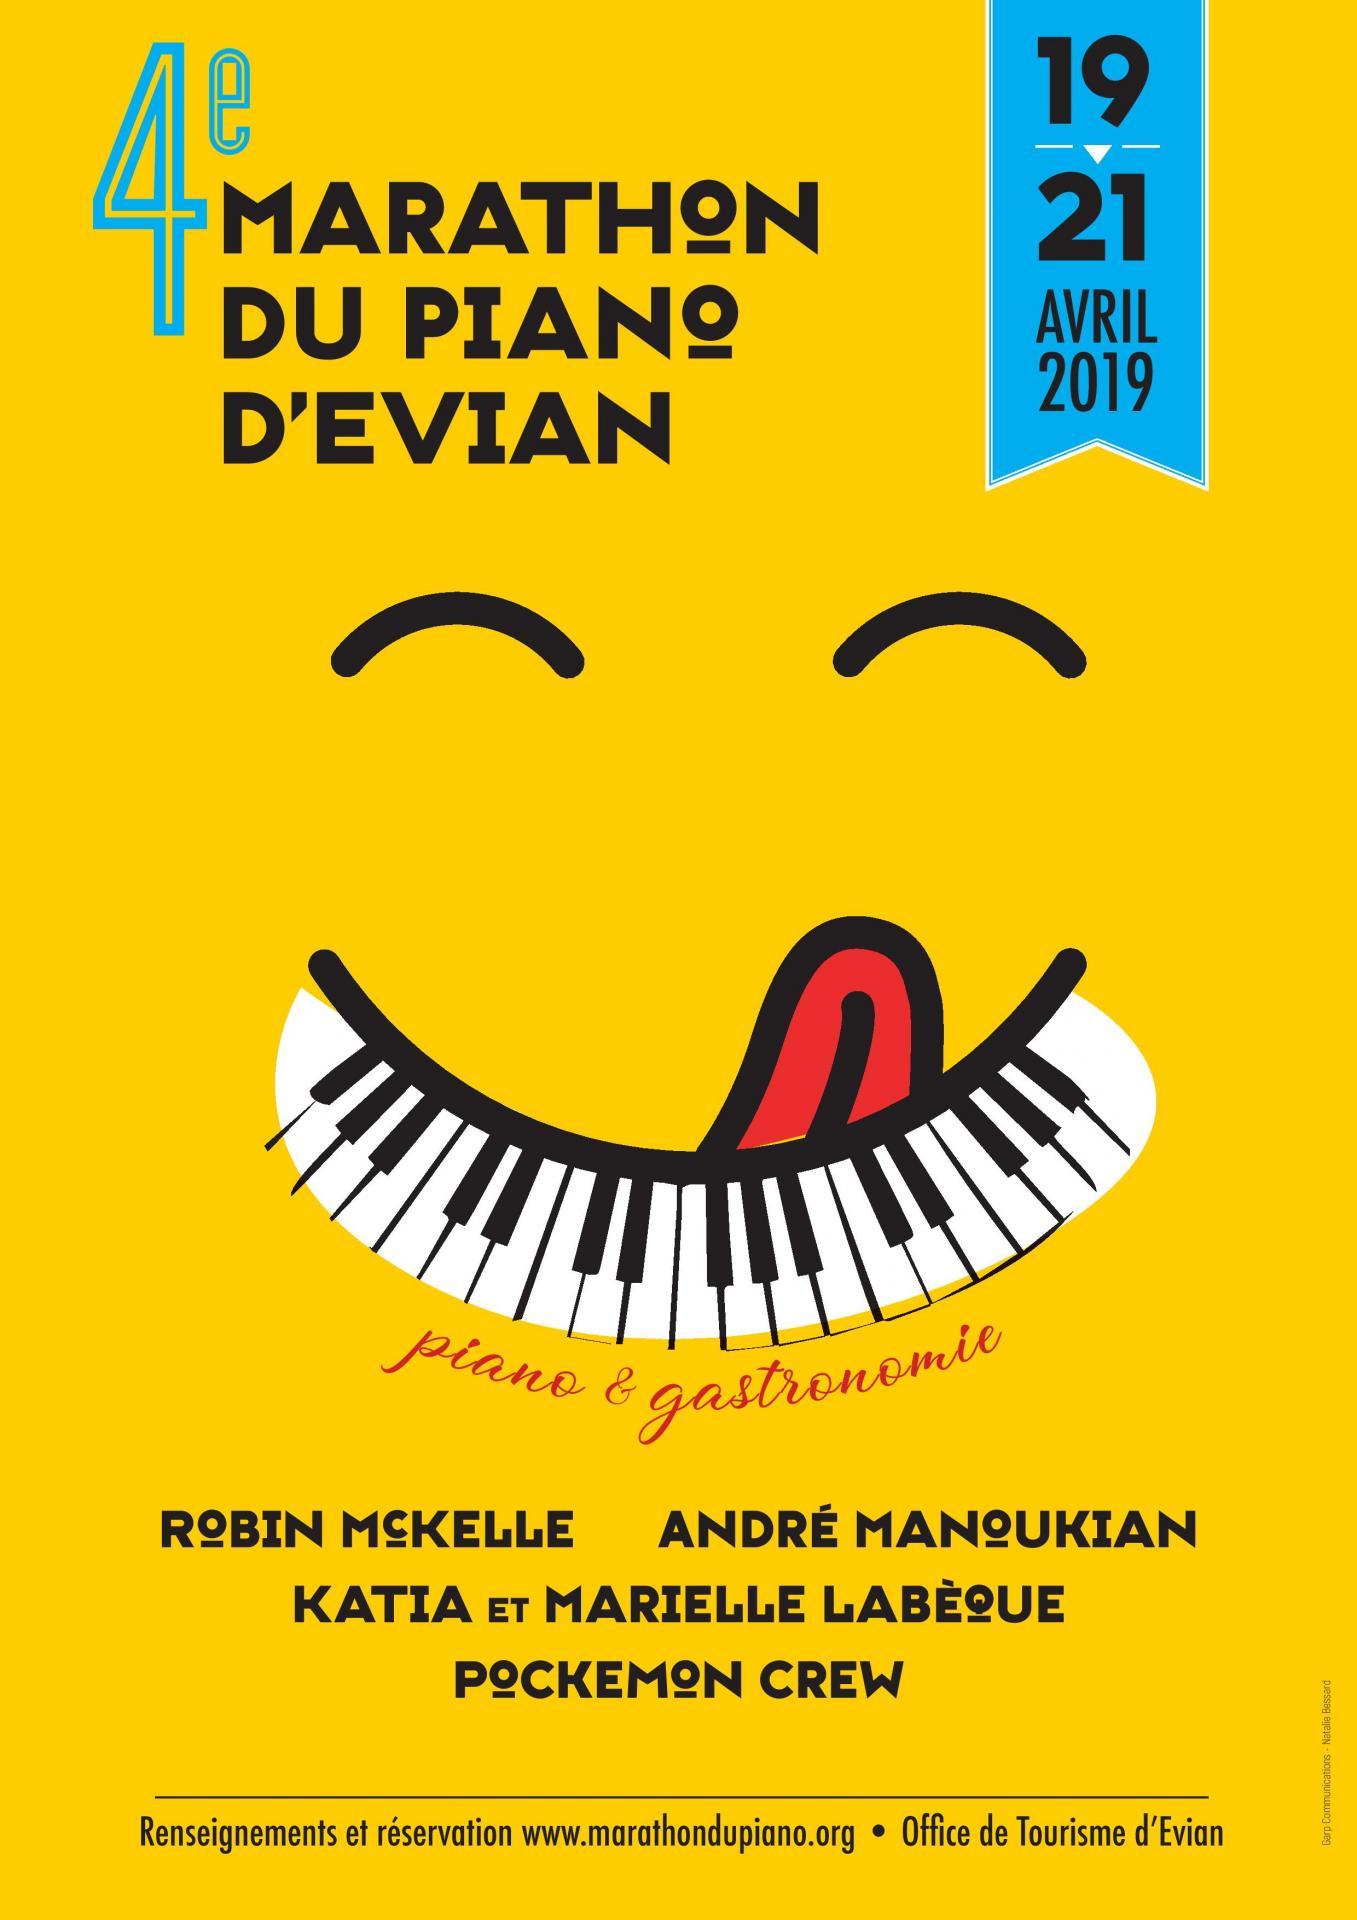 Marathon du piano d'Evian 2019